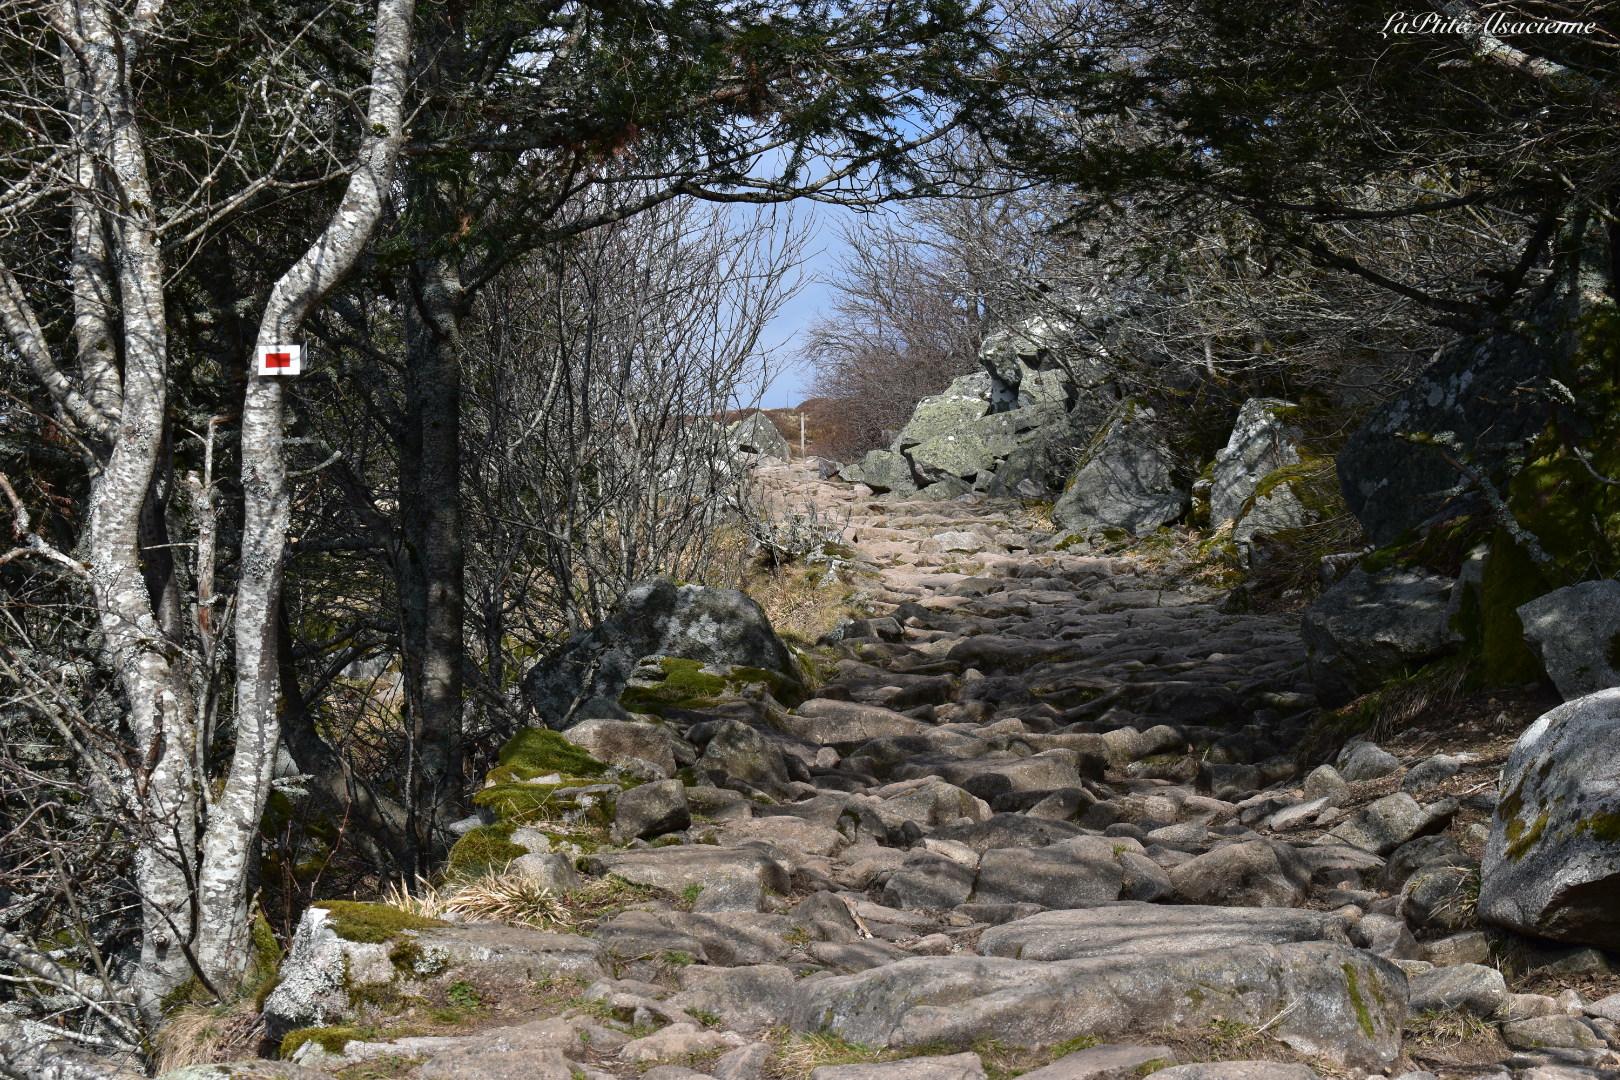 Sentier constitué de roches en direction du col du Schaeferthal pour le Hohneck - Photo de Cendrine Miesch dite LaPtiteAlsacienne